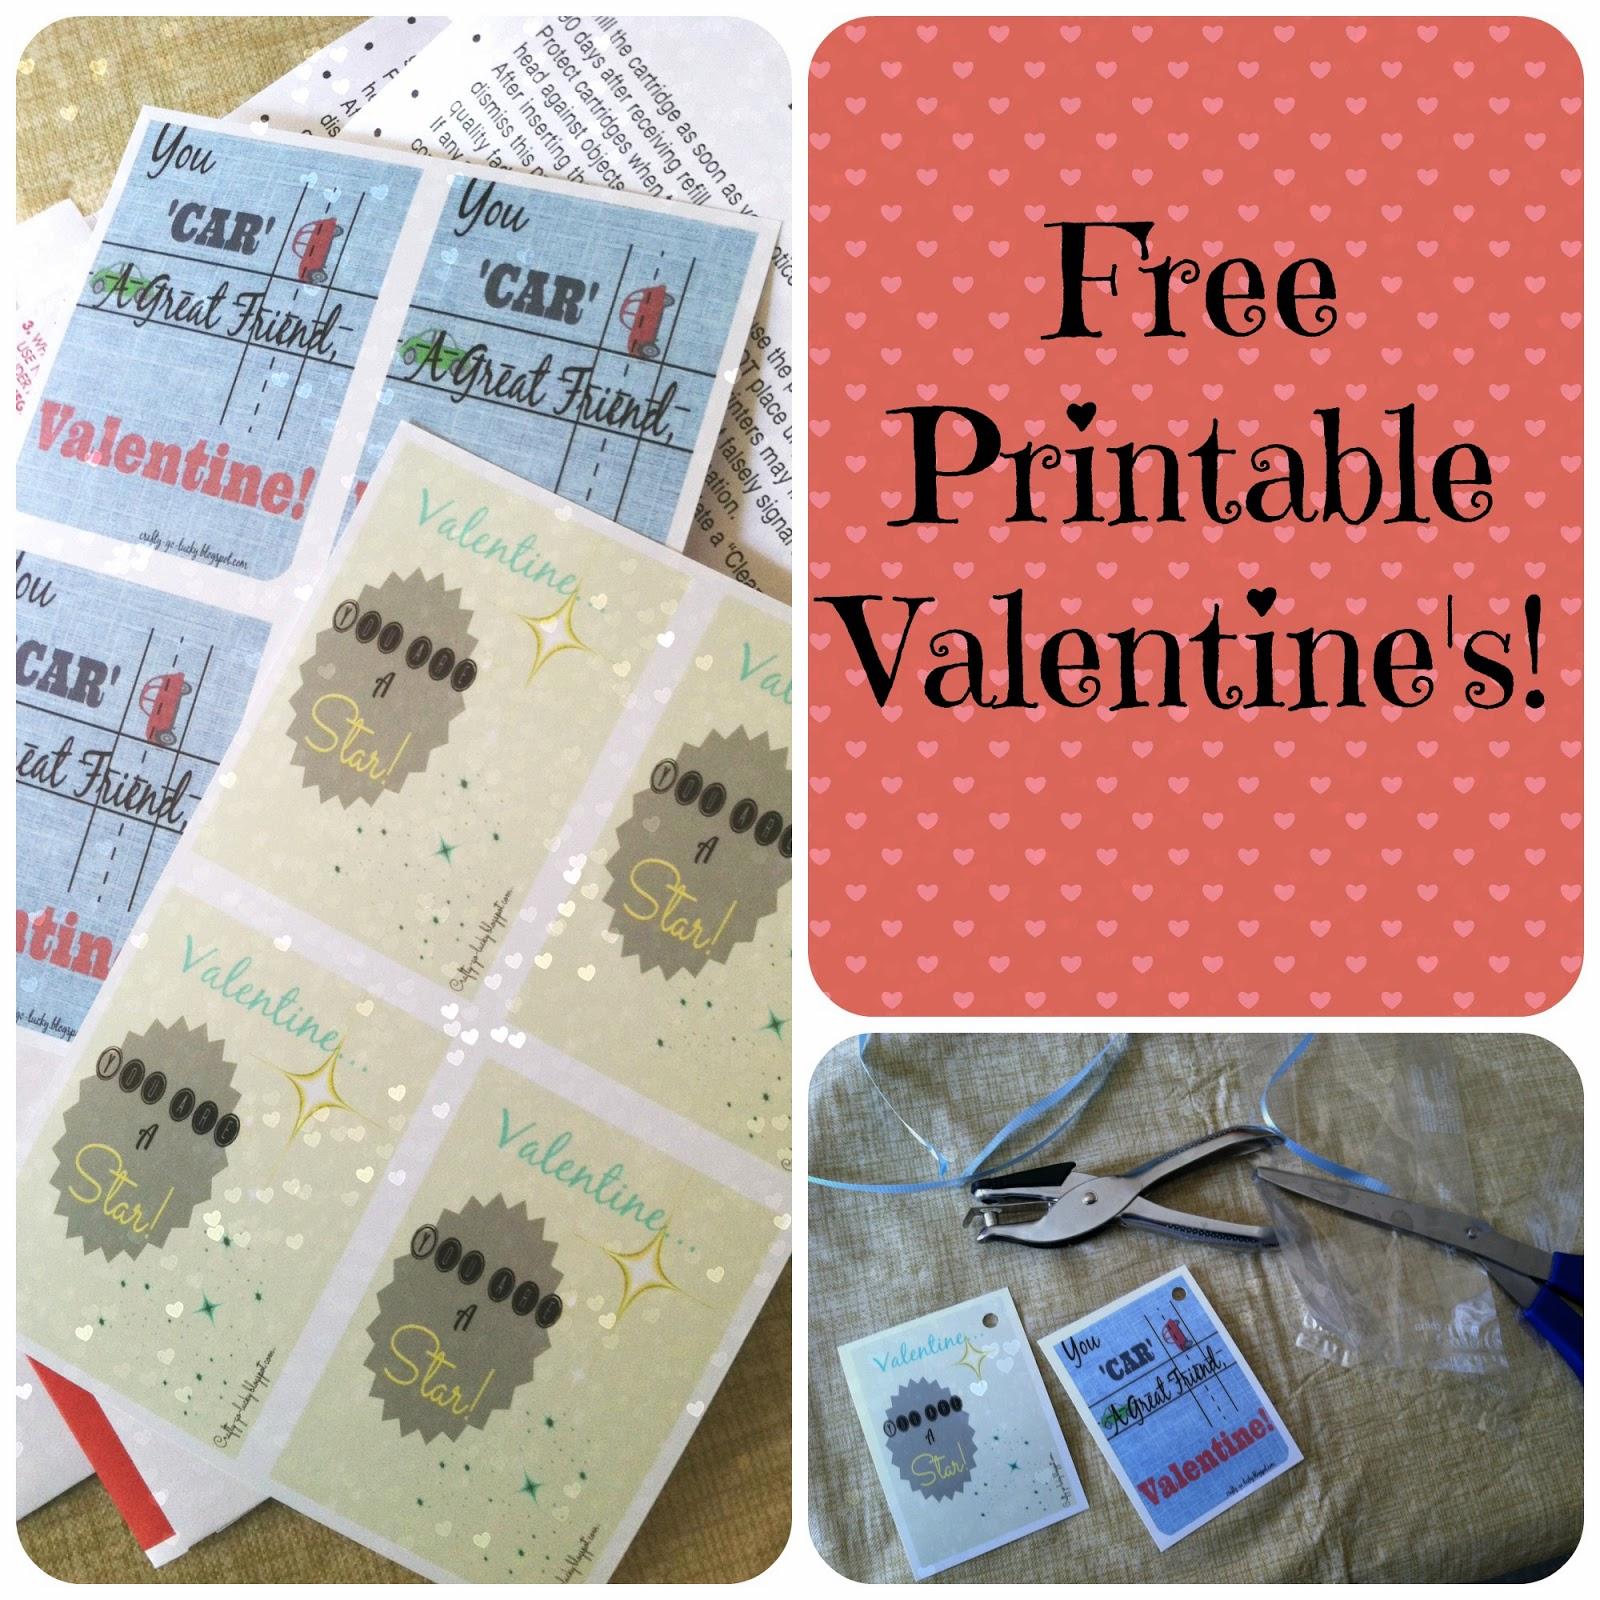 Free Valentine Printable's! (3x5 & 4x6)